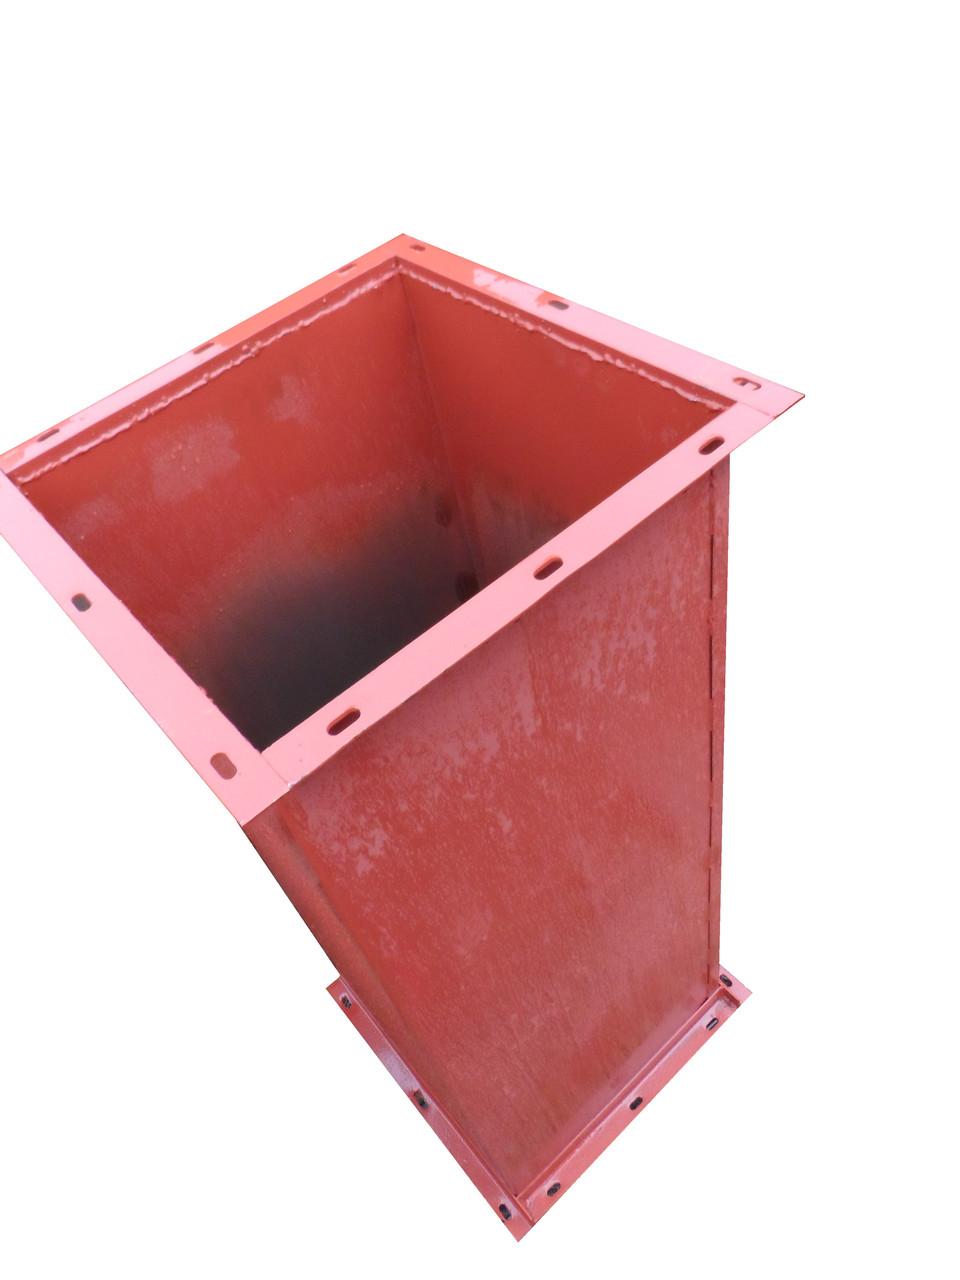 Труба-перехід (додаткова на свічку) (L-1,0 м; s-1,2 мм) пылеотделяющего ЦОЛ-3 з двома фланцями ..